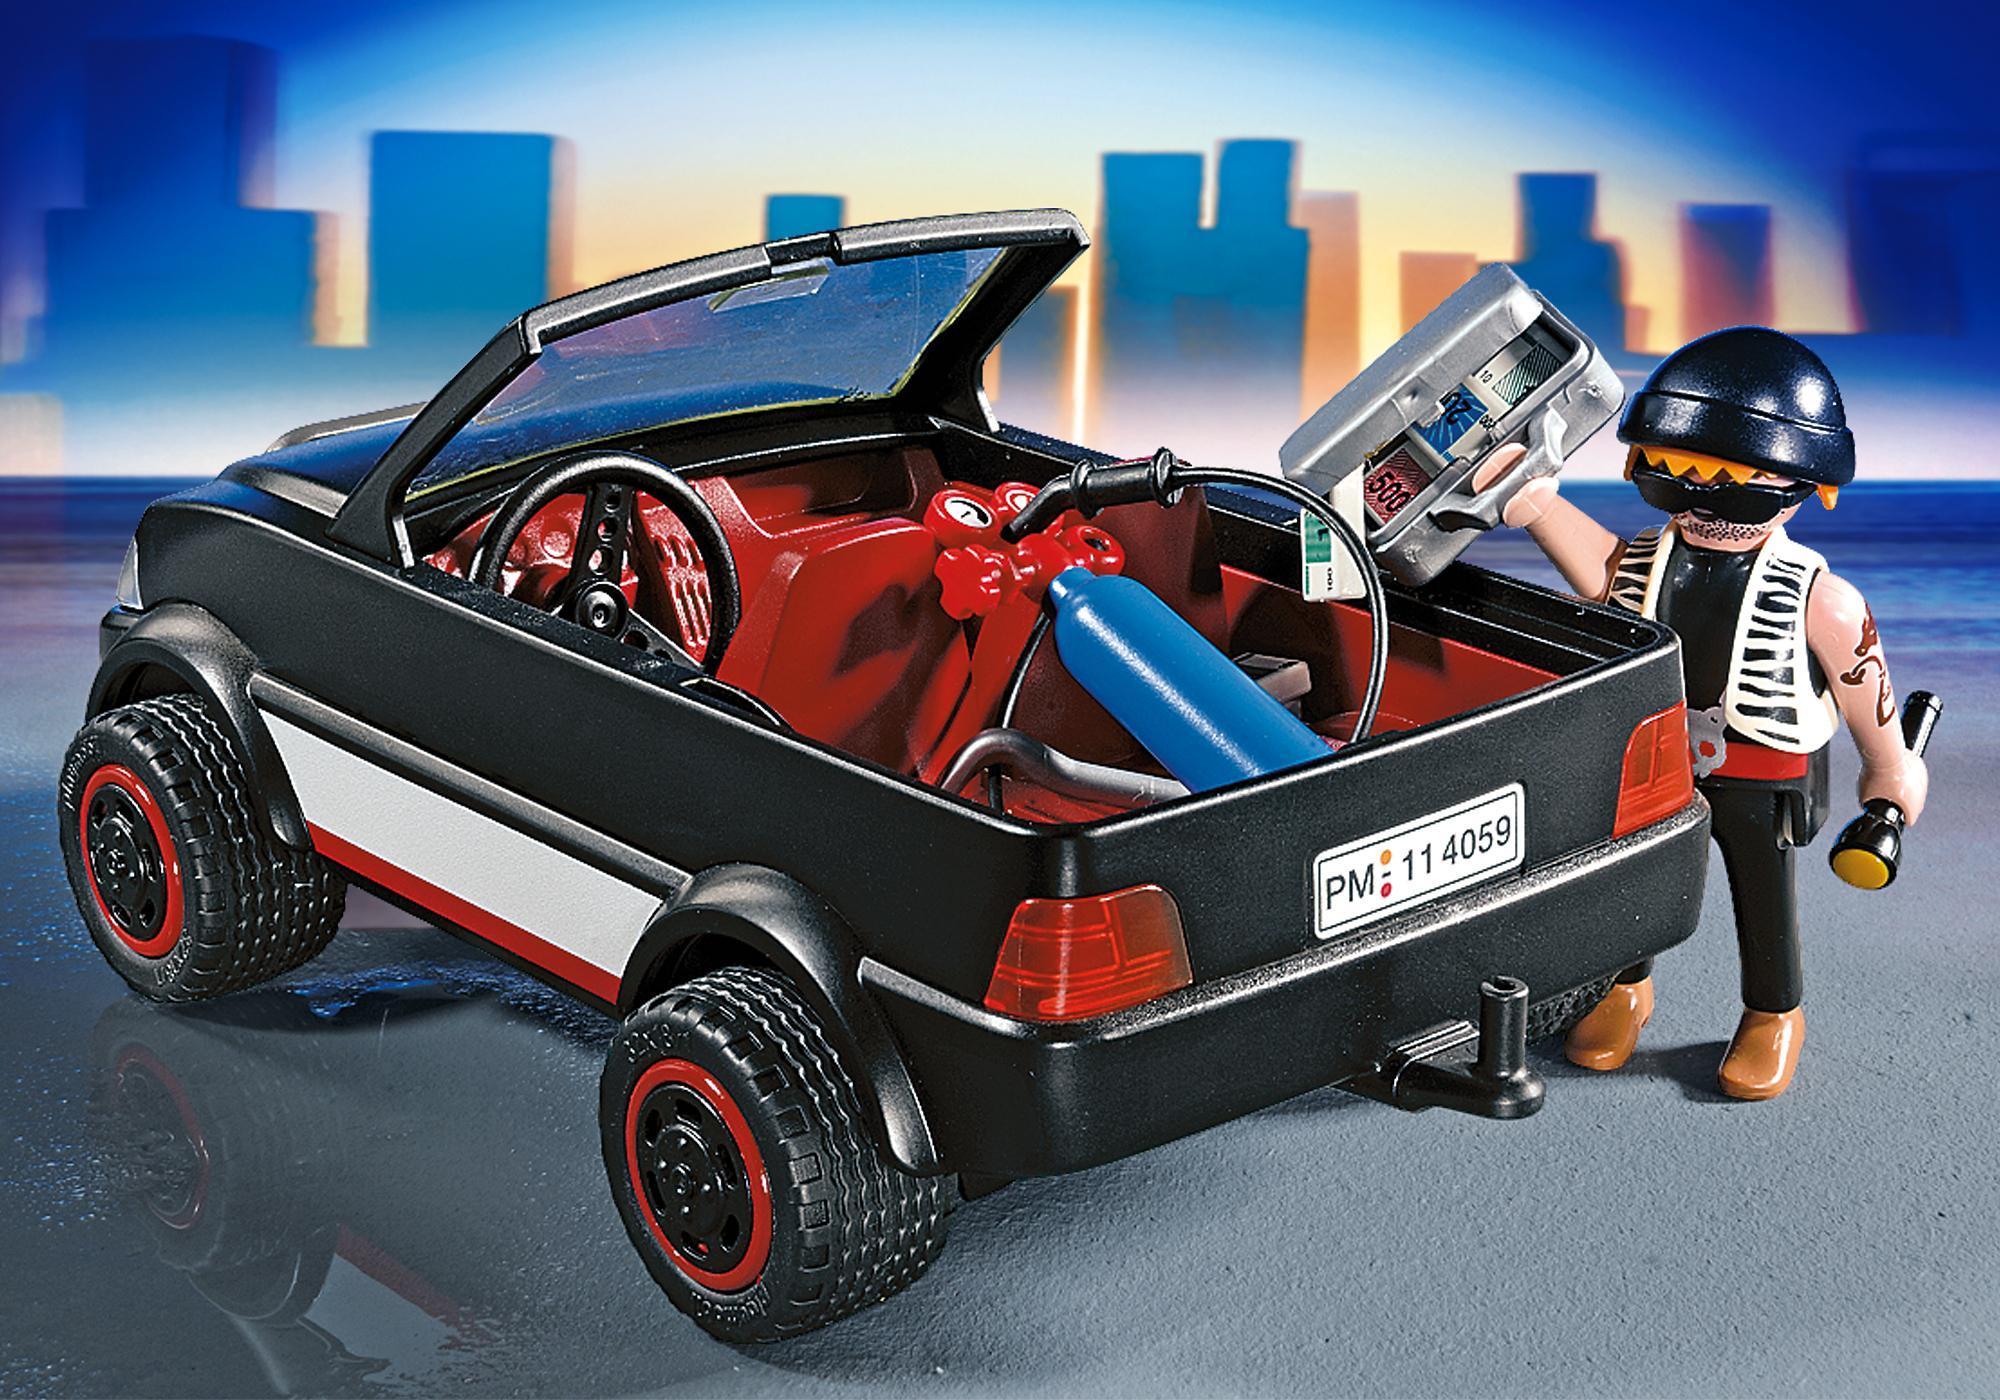 http://media.playmobil.com/i/playmobil/4059_product_extra1/Ladrão de Cofres com Carro de Fuga